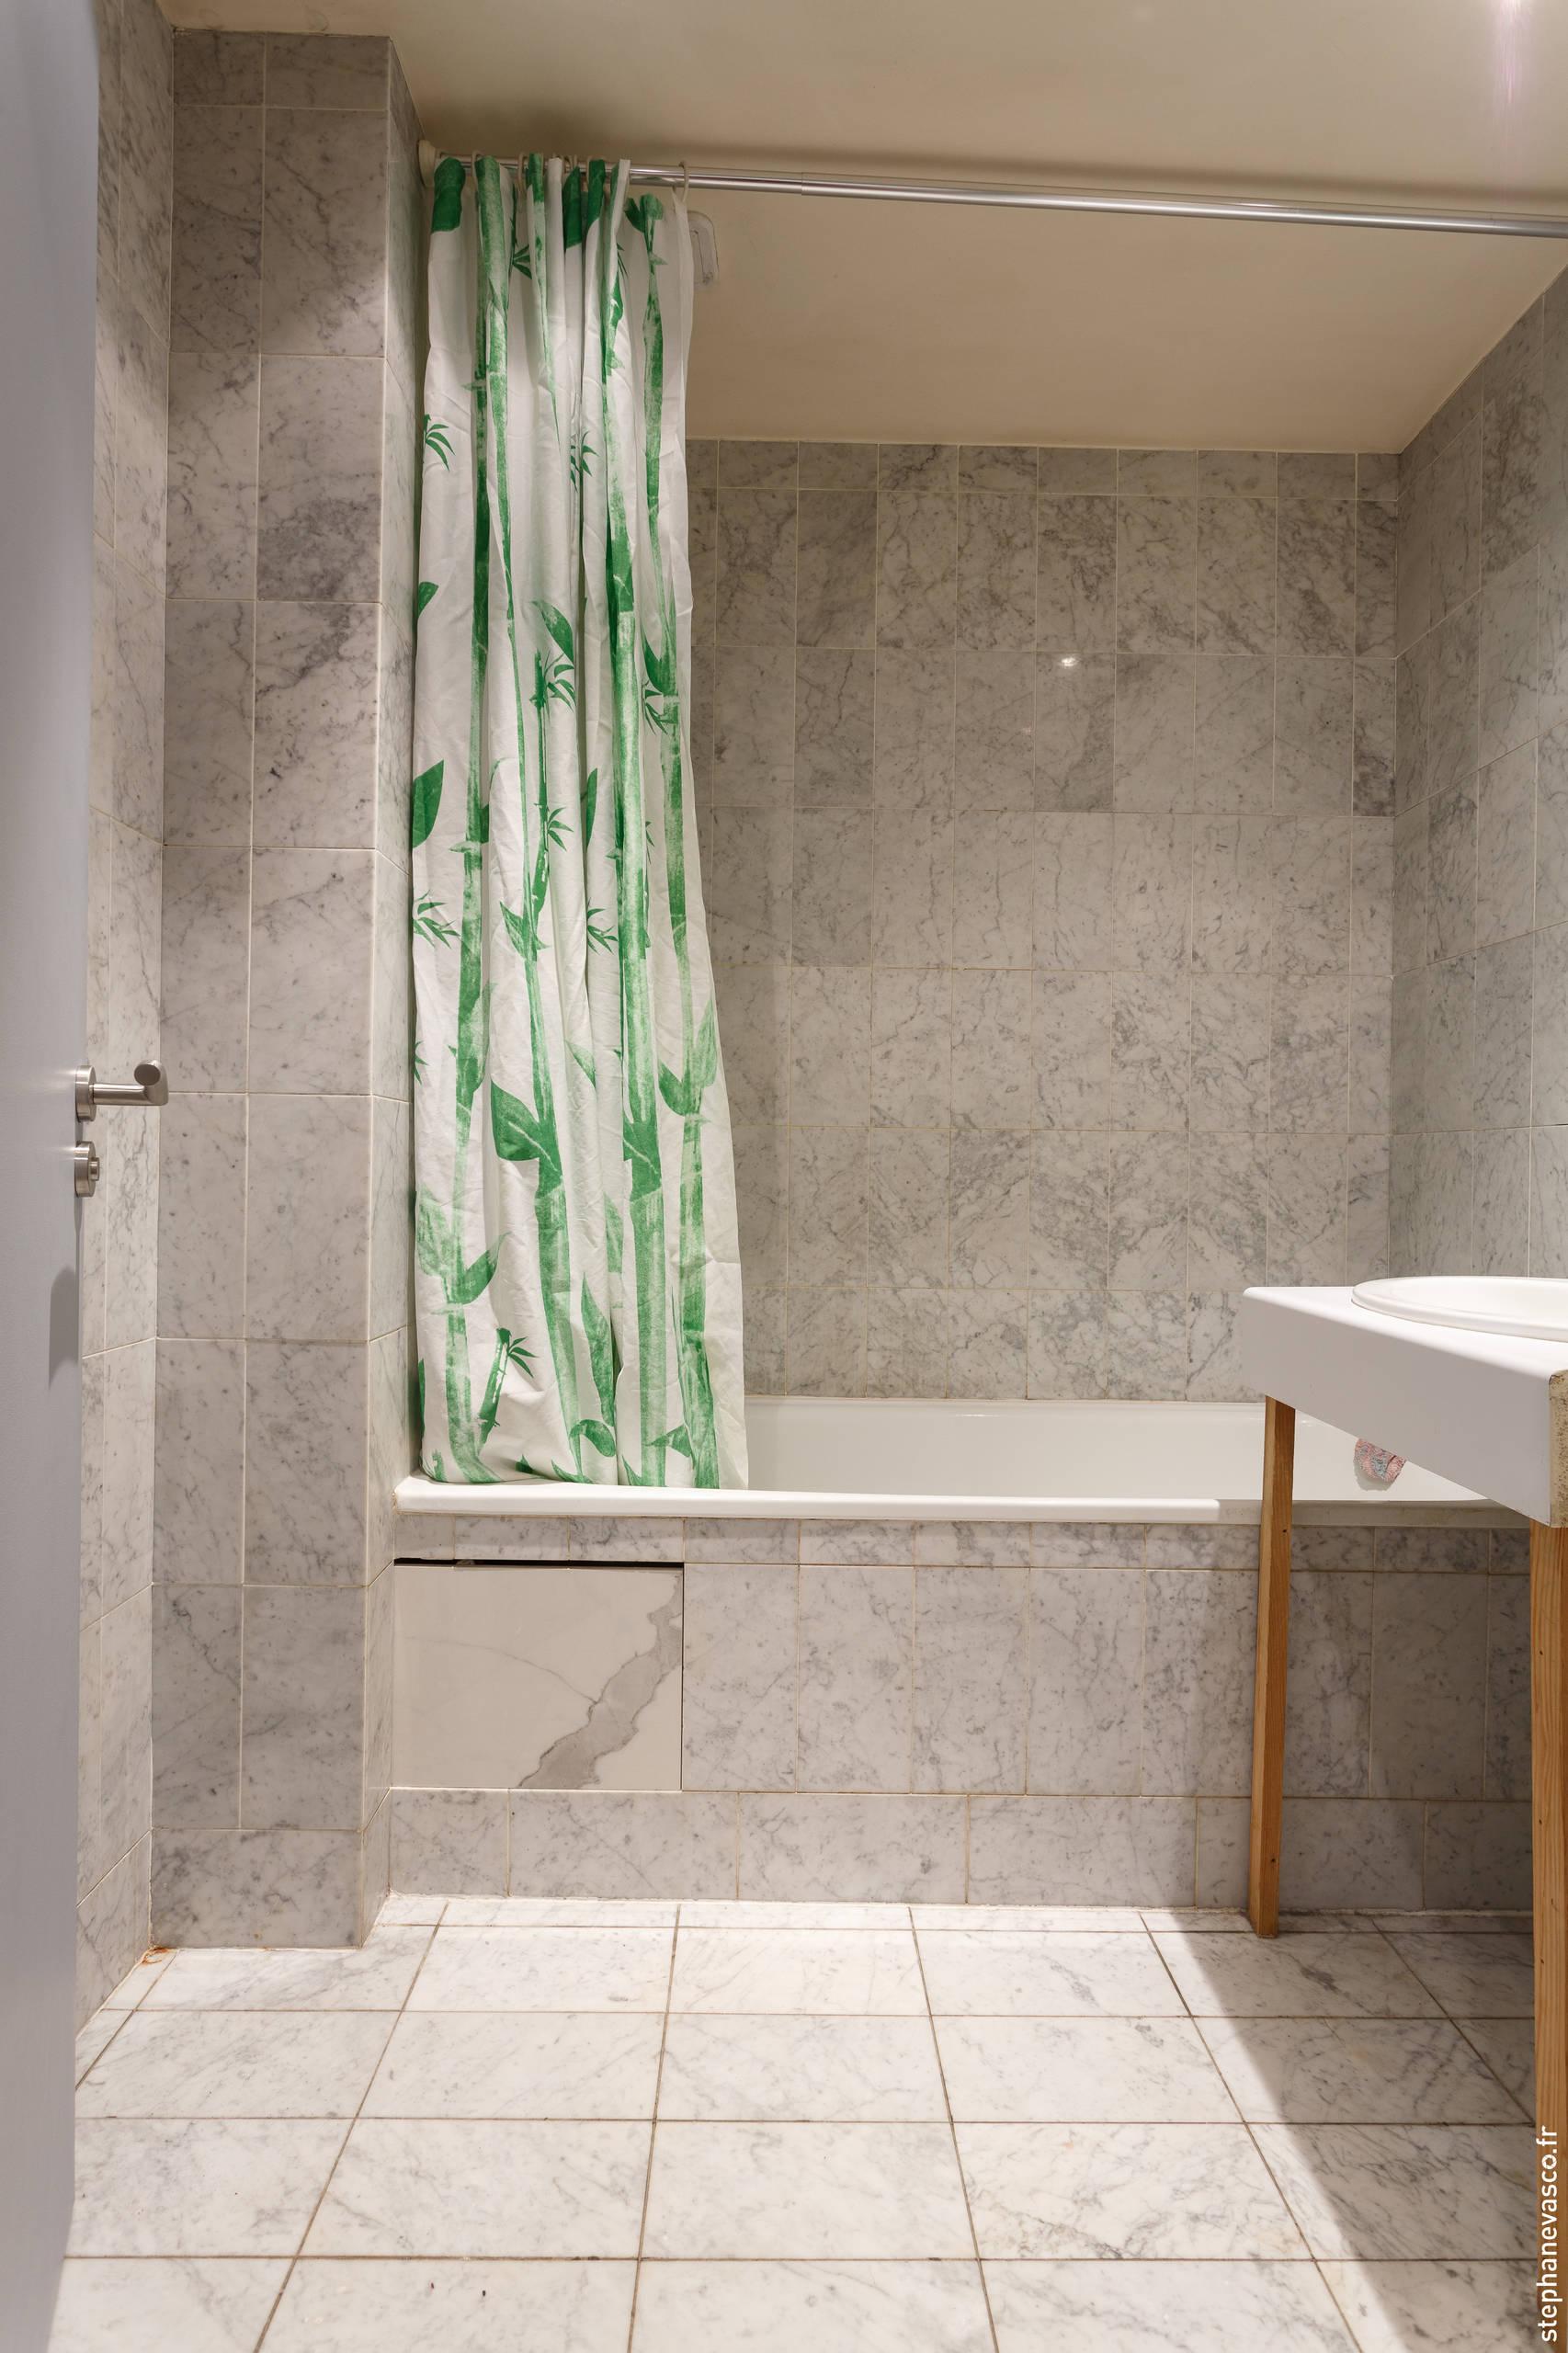 AVANT/Apres : Remplacez votre baignoire contre un receveur XXL